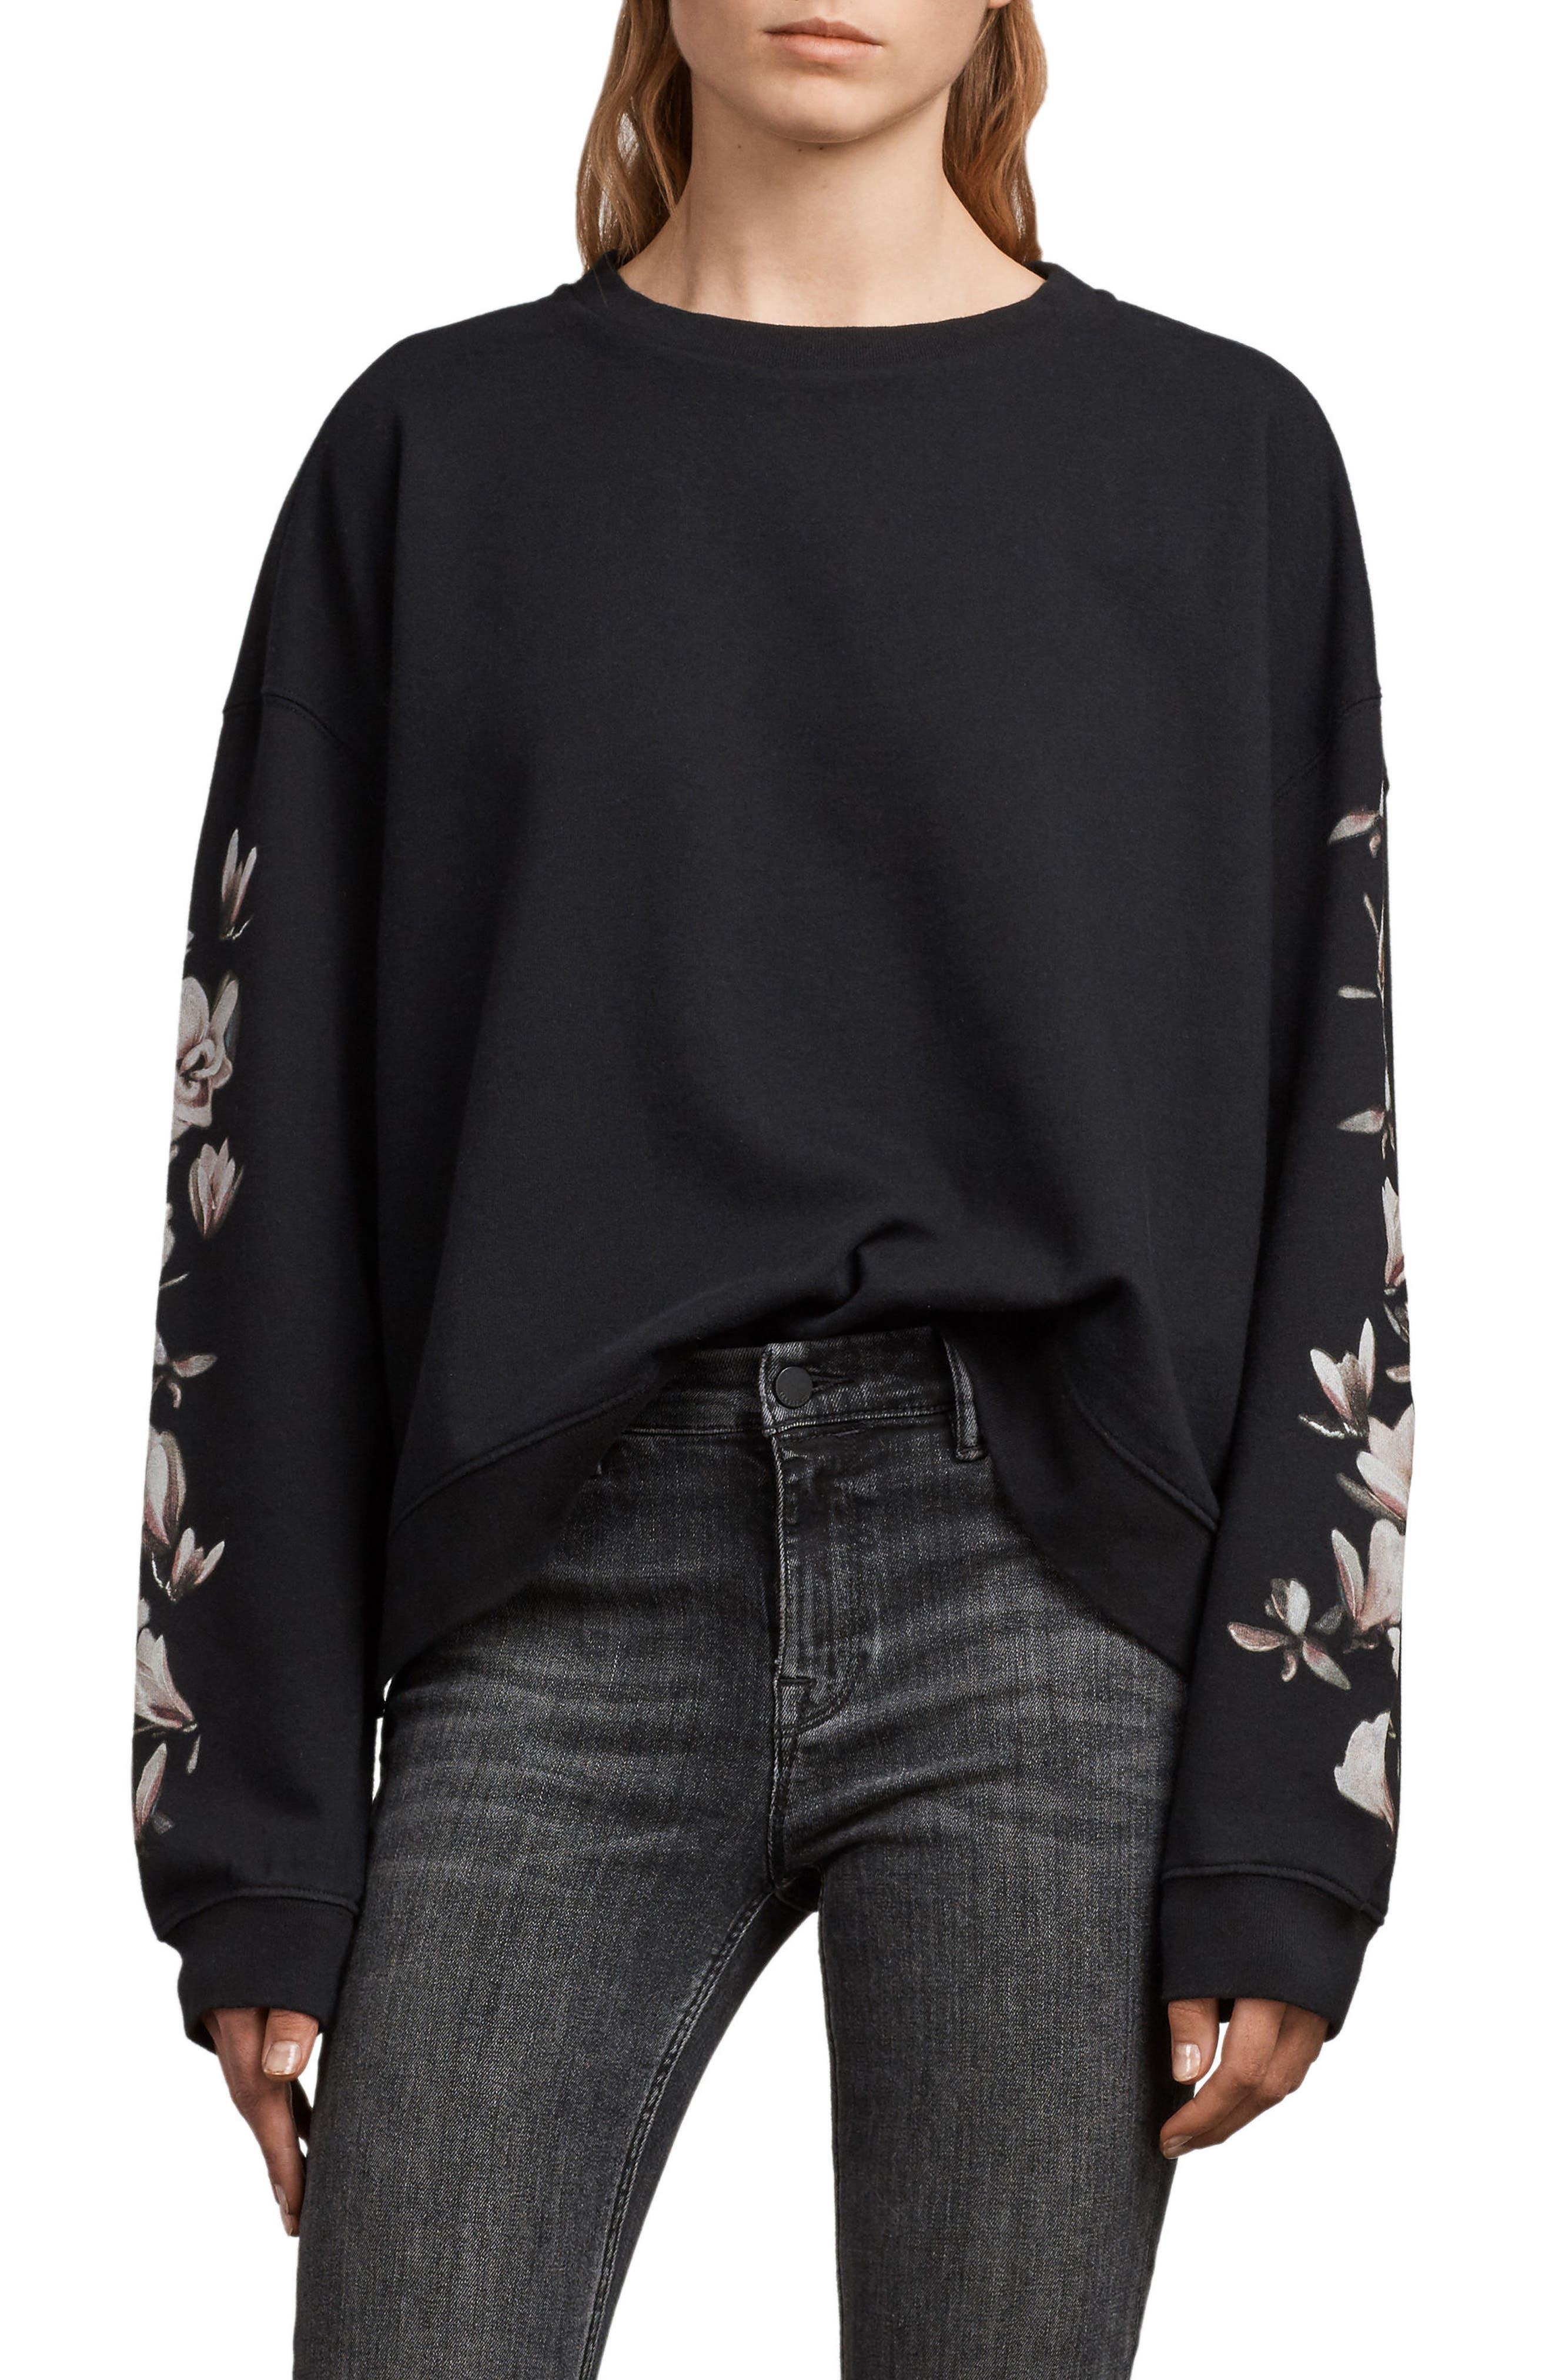 Magnolia Floral Print Cotton Sweatshirt,                             Main thumbnail 1, color,                             Black